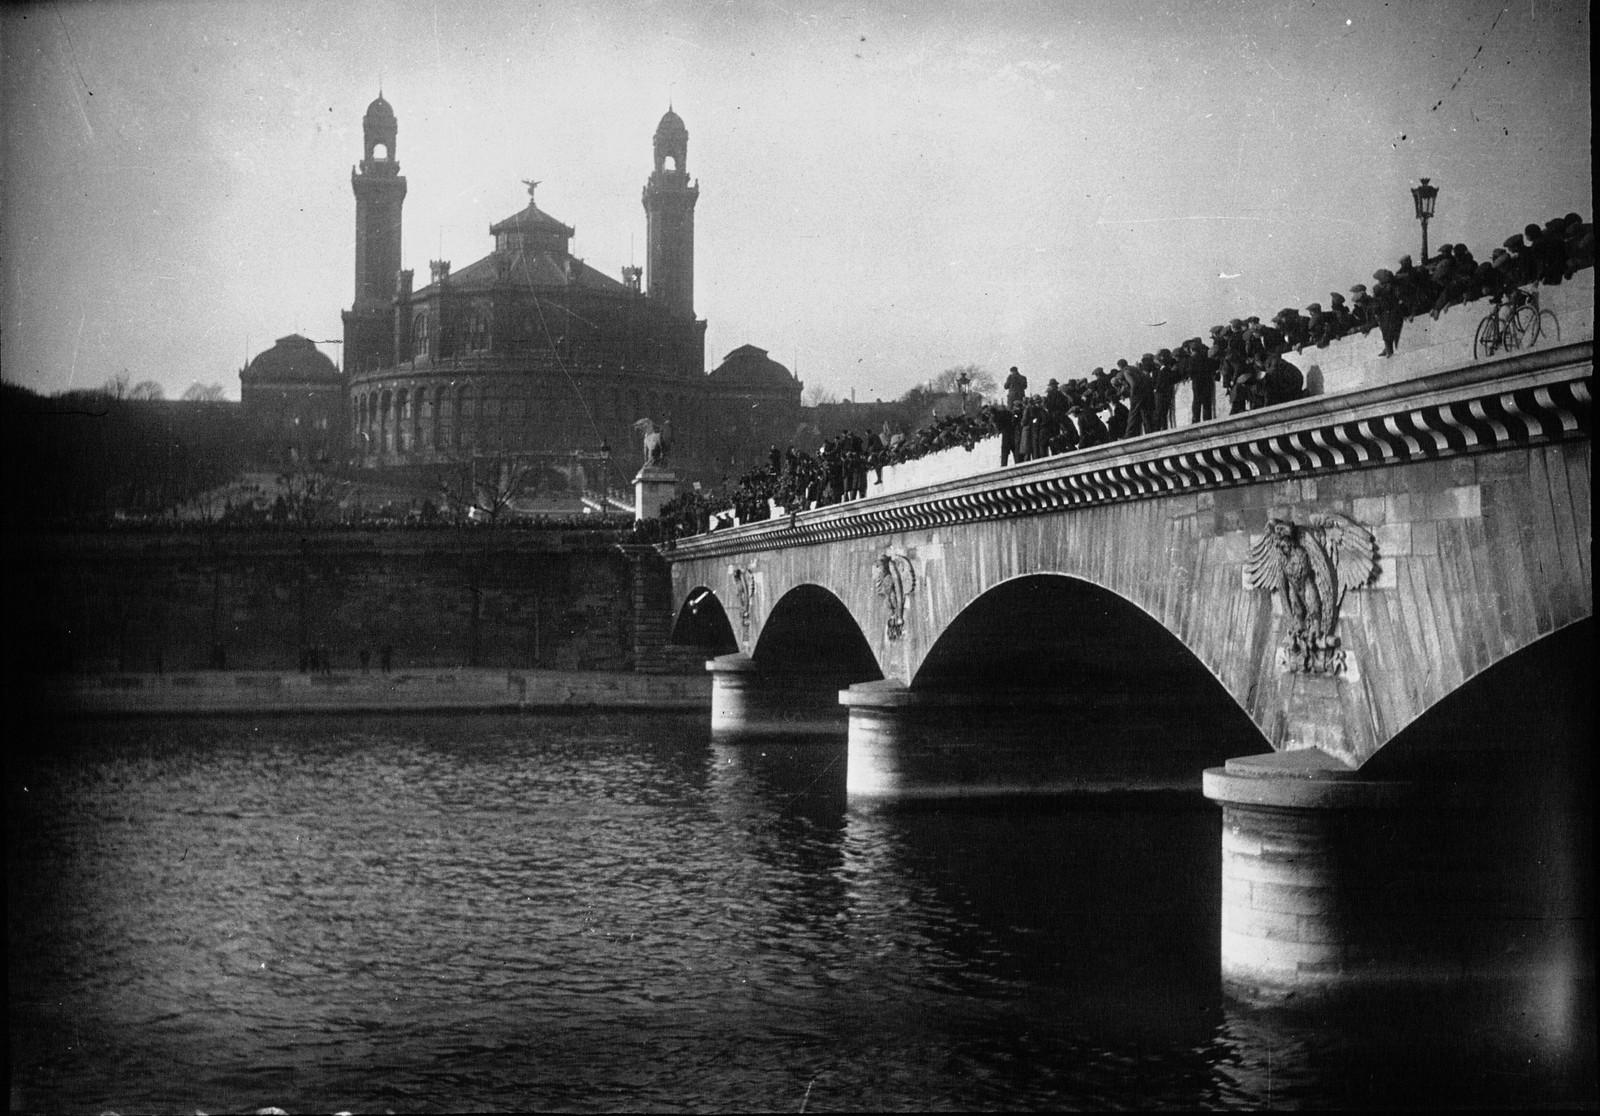 08. 1934. Забастовка таксистов. Толпа движется к Эйфелевой башне